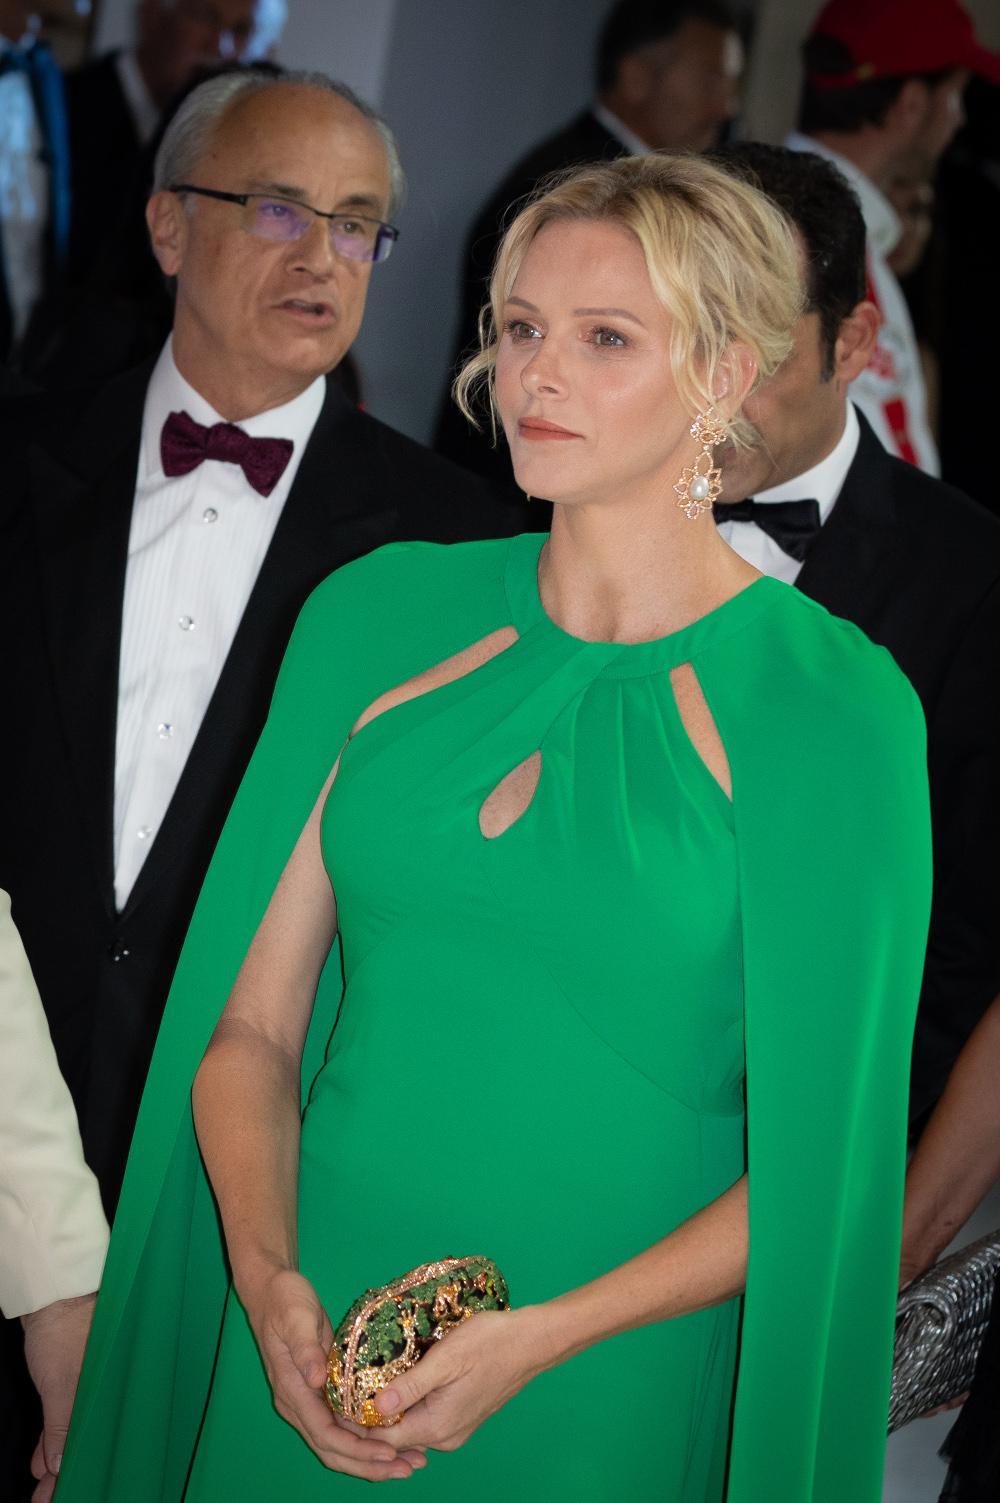 Η πριγκίπισσα Σαρλίν συνδύασε το σμαραγδί φόρεμα με λαμπερά μαργαριταρένια σκουλαρίκια και χρυσό clutch με πράσινες λεπτομέρειες